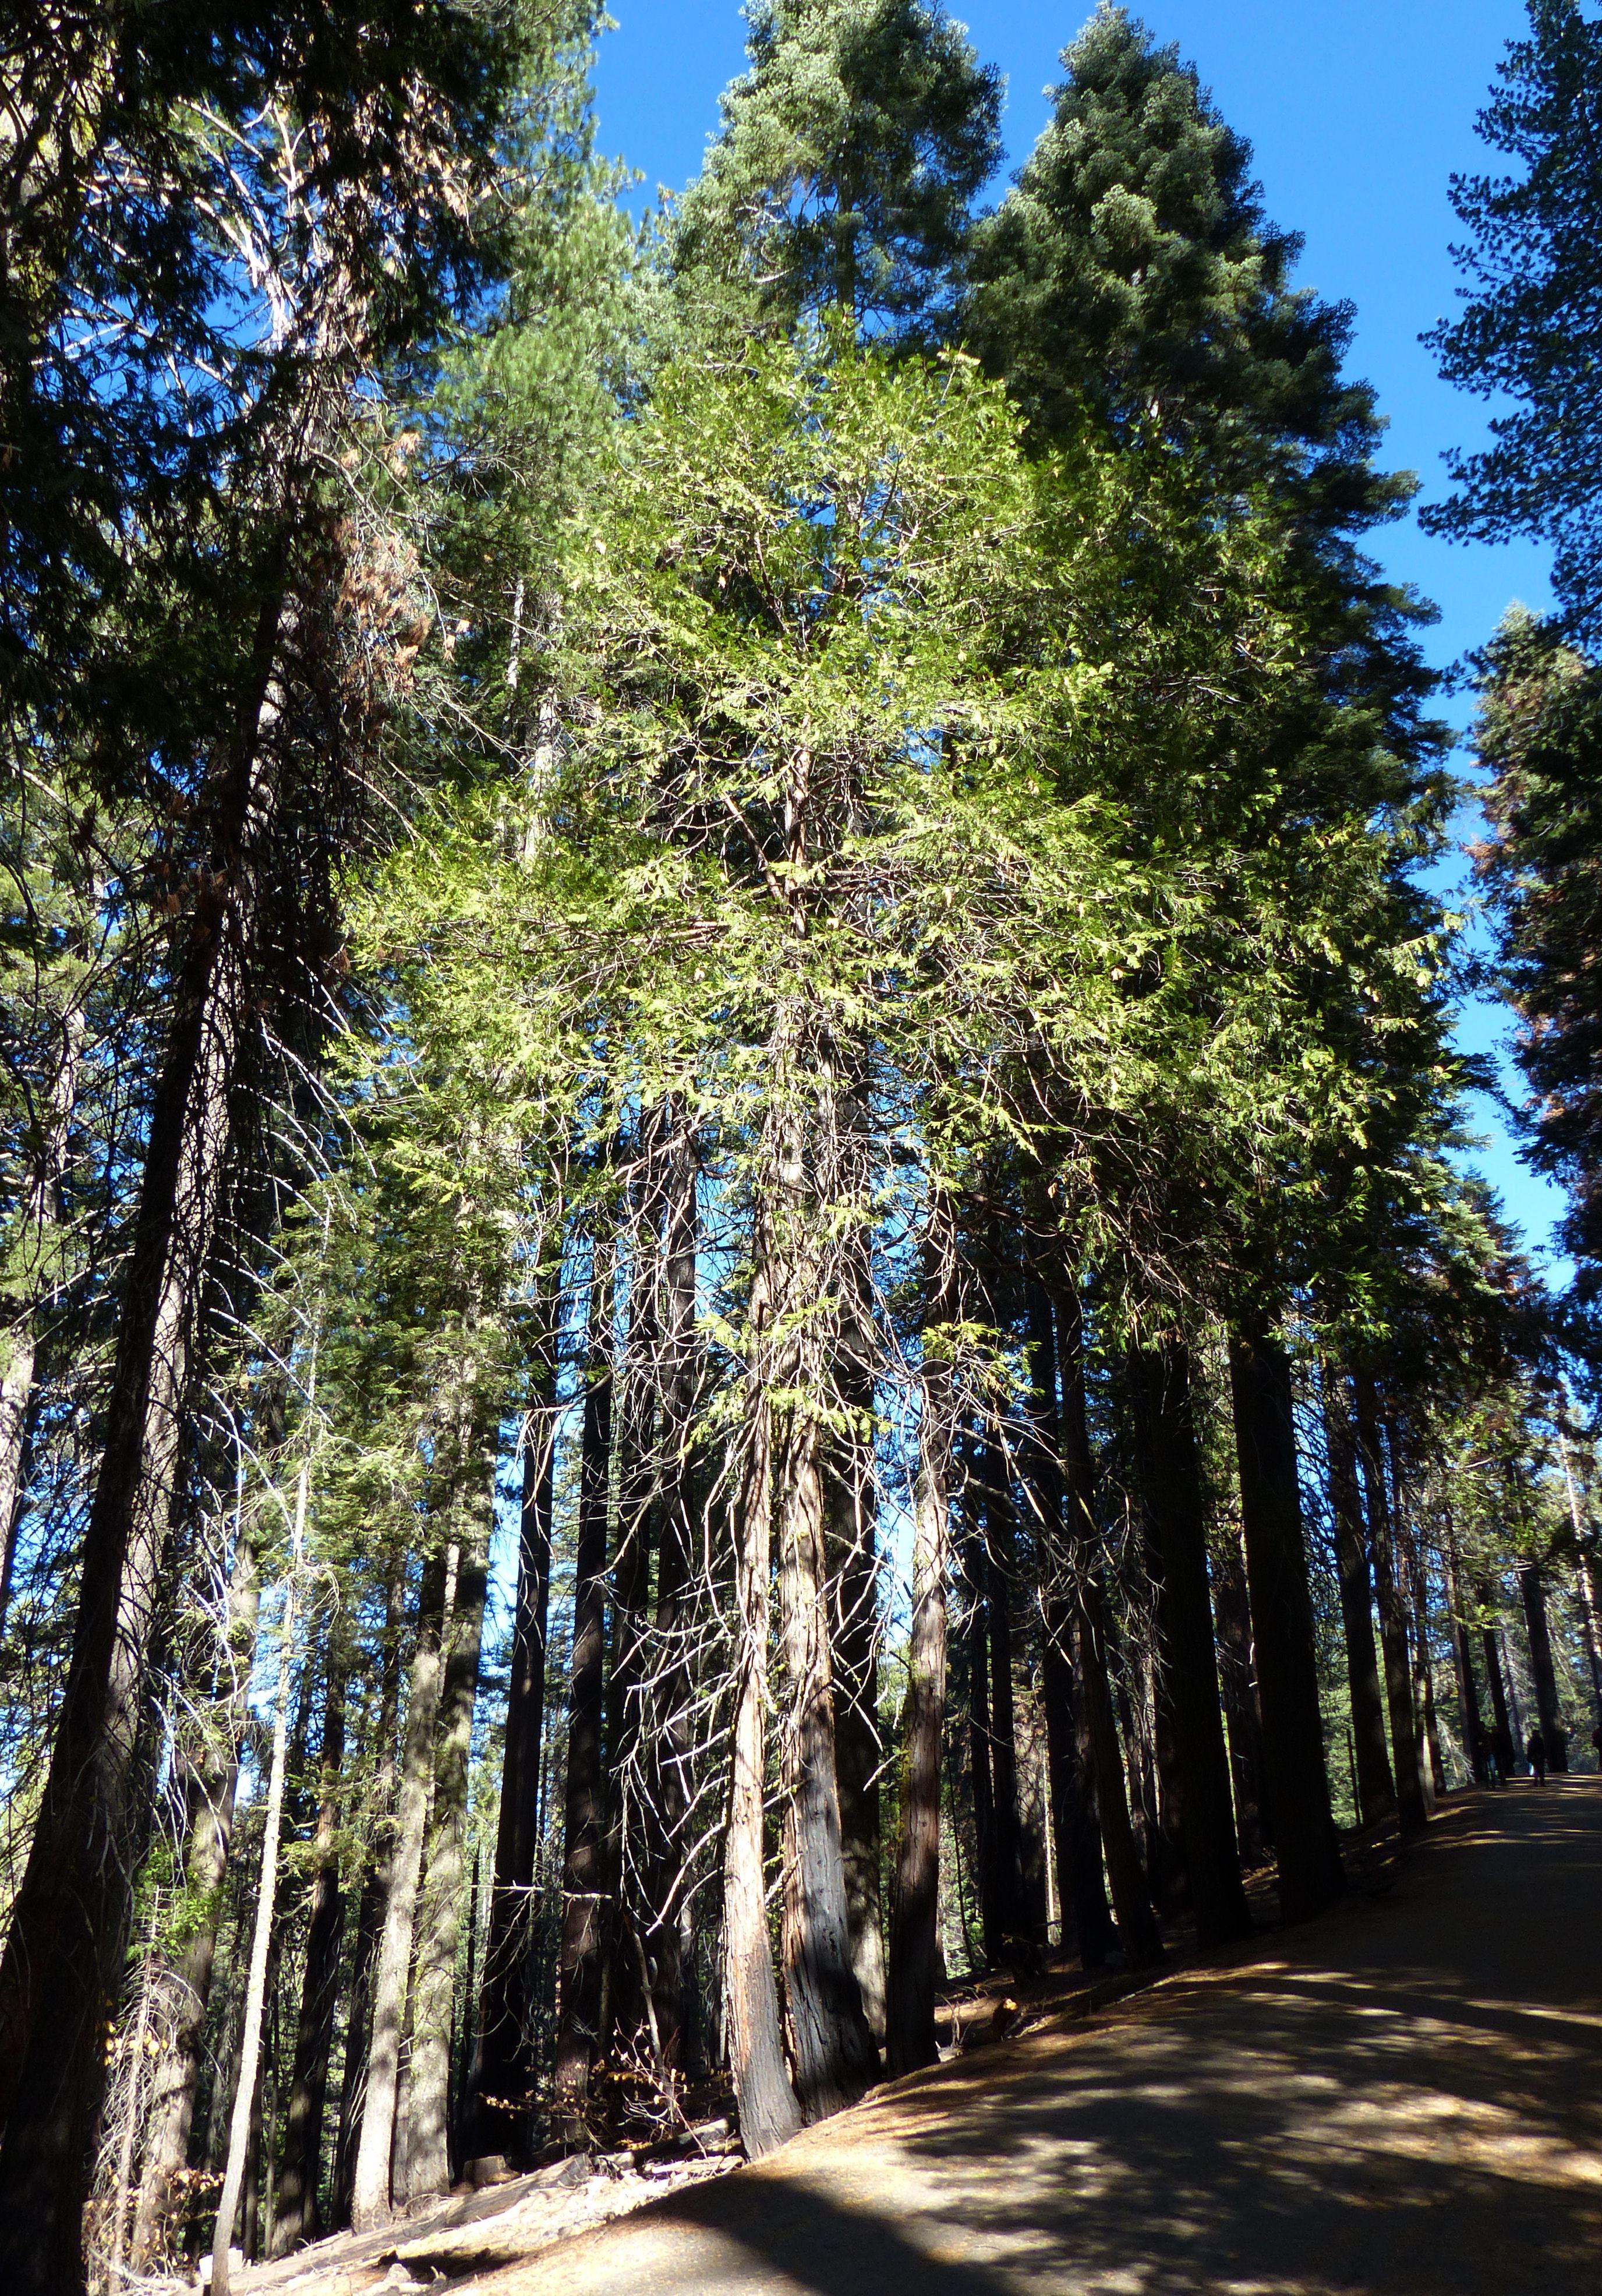 © Dipartimento di Scienze della Vita, Università di Trieste<br>by Andrea Moro<br>Yosemite National Park, California, U.S.A., 10/11/2014<br>Distributed under CC-BY-SA 4.0 license.